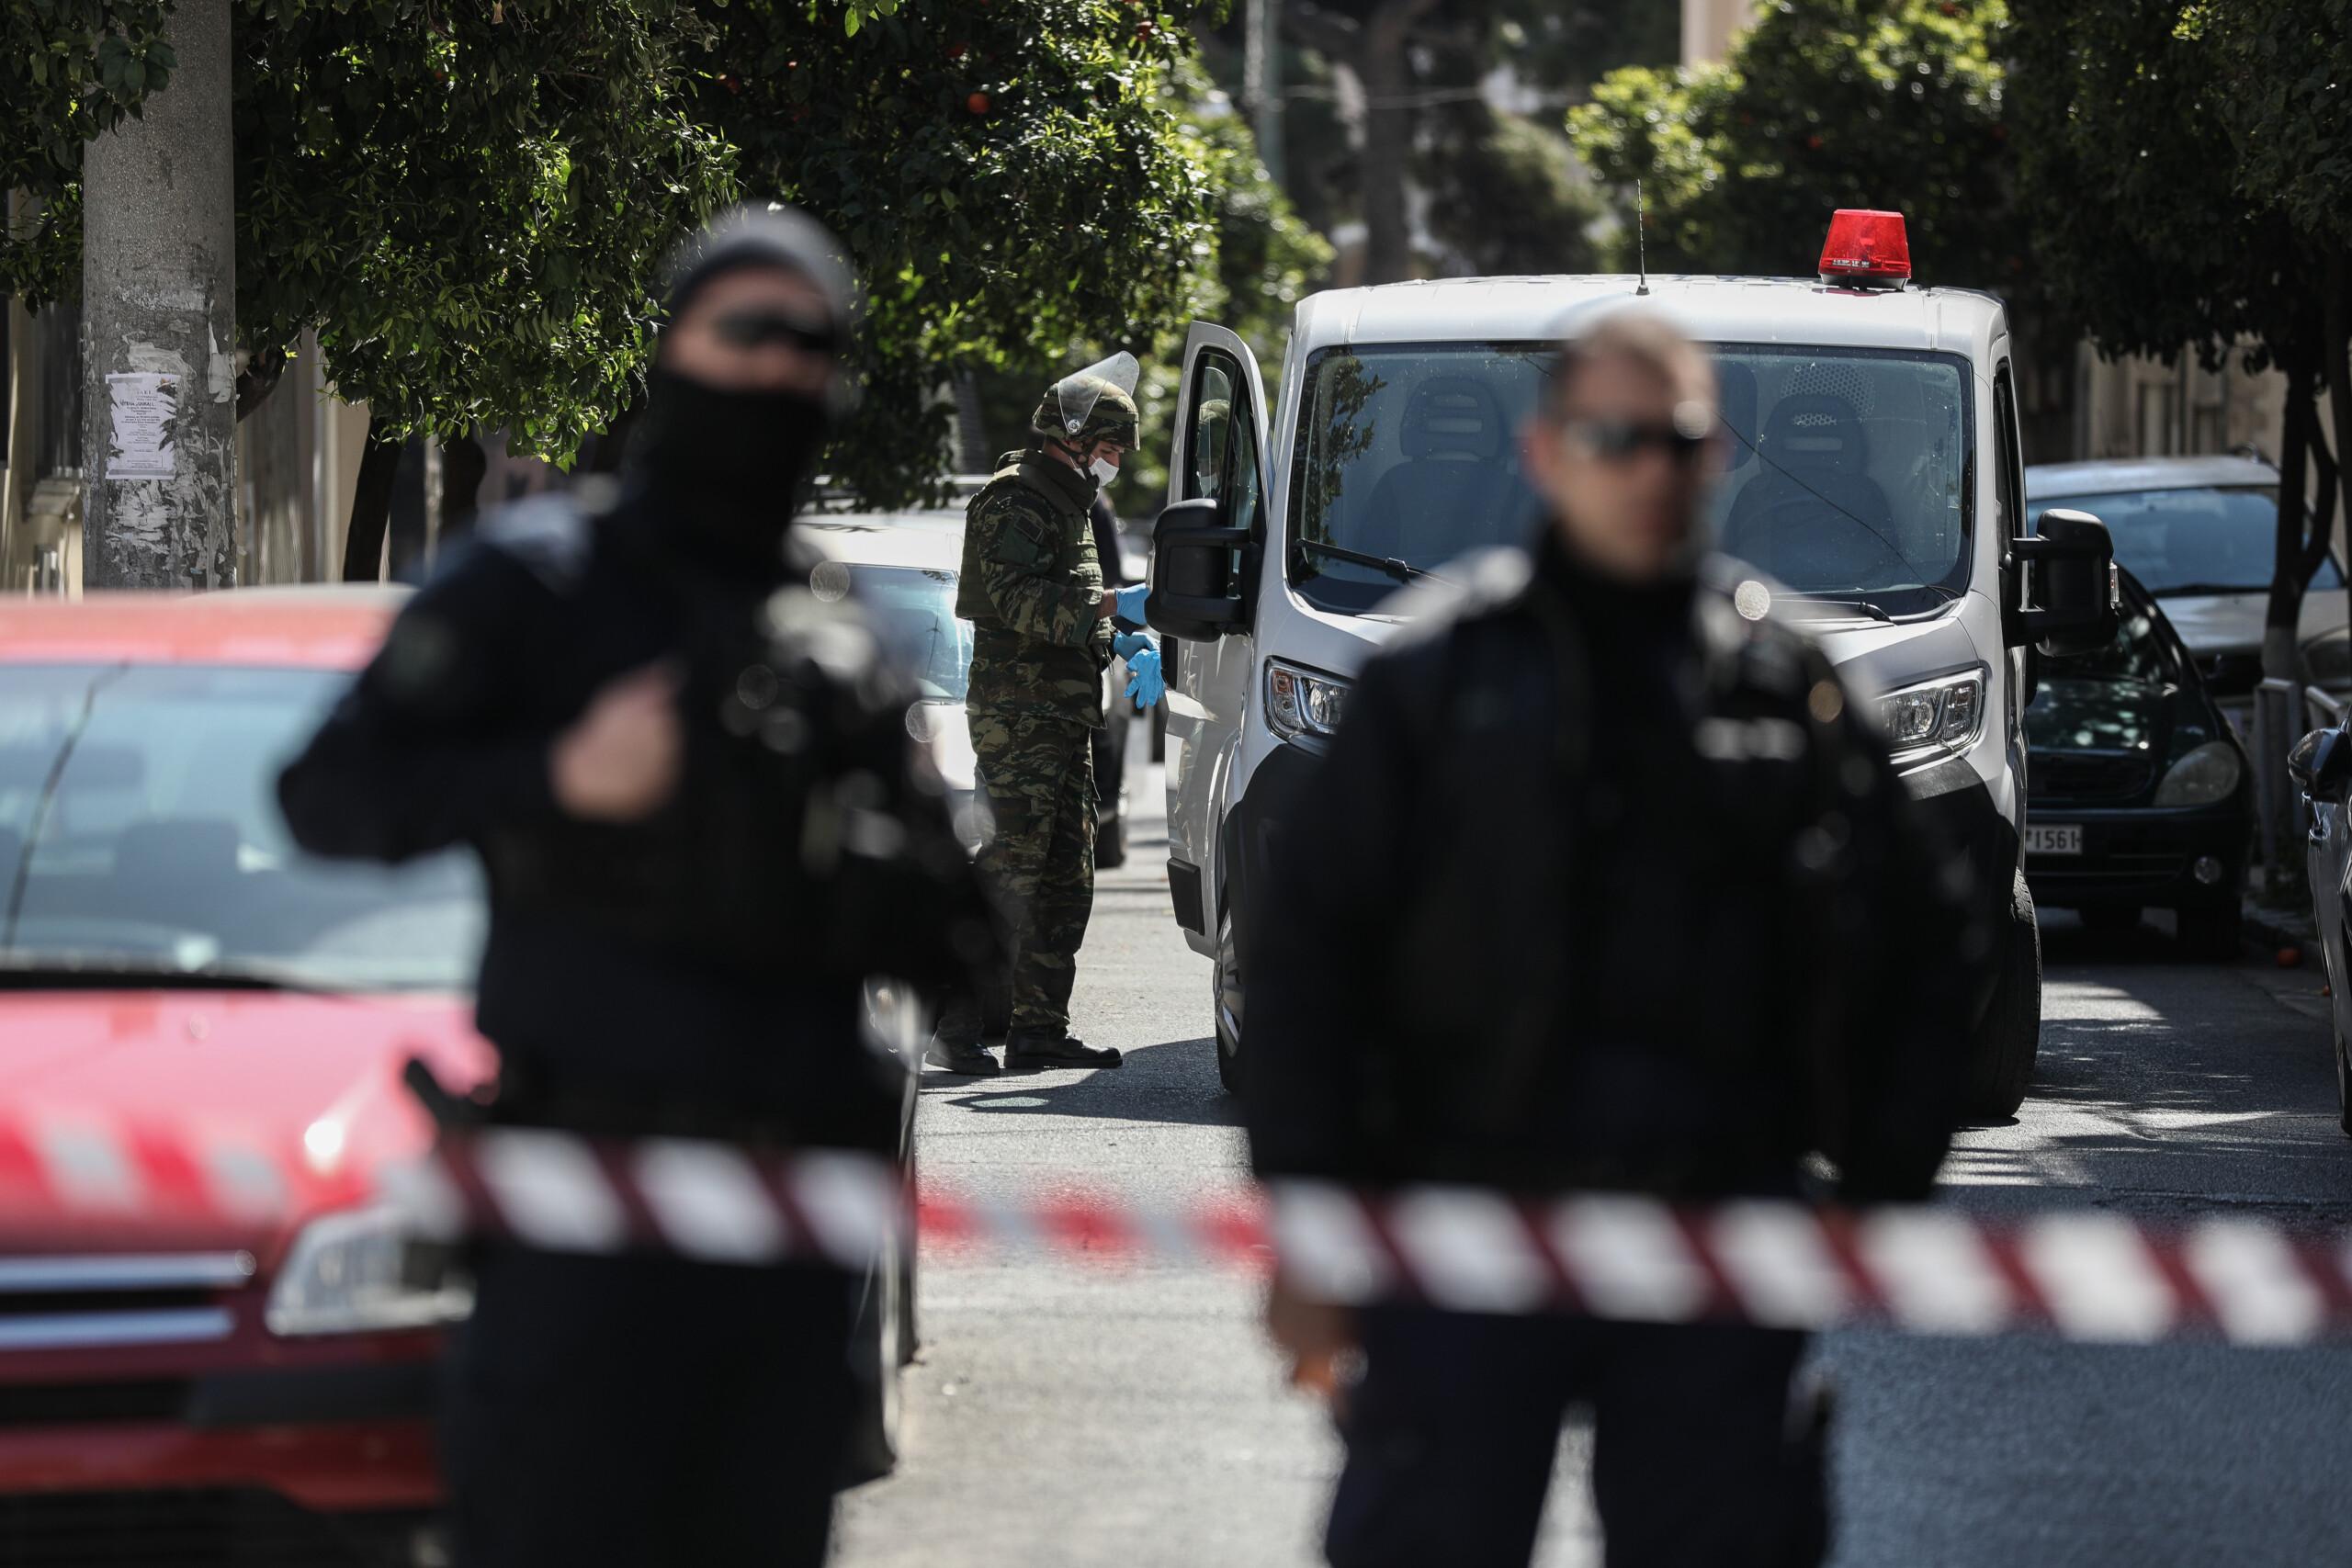 Ληστεία στη Μητροπόλεως: Βρέθηκε το κρησφύγετο του δράστη – Έκρυβε ολόκληρο οπλοστάσιο